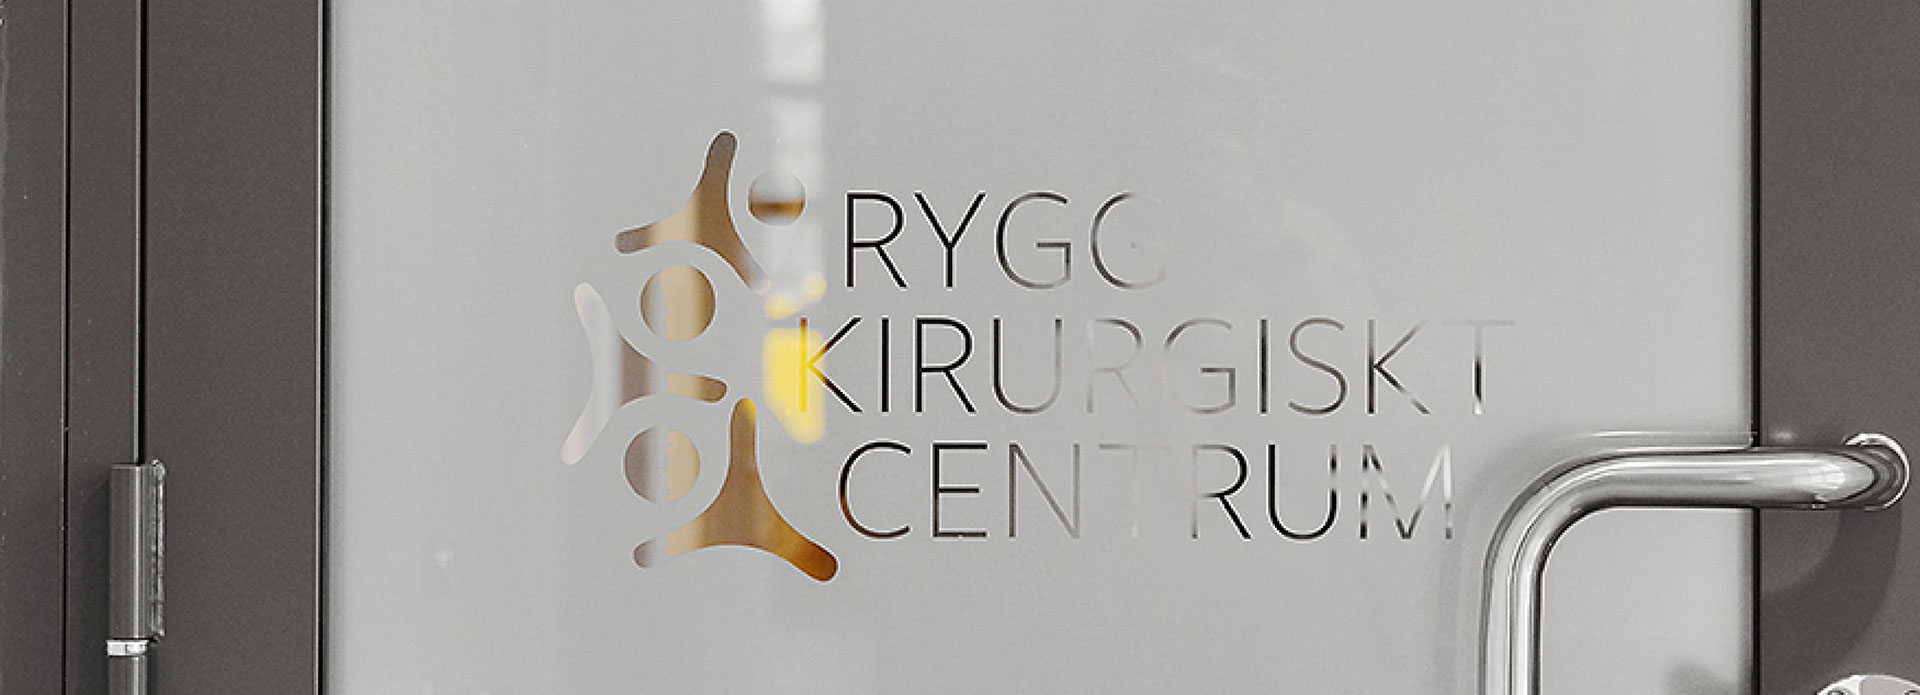 RKC Bildspel HEM 4